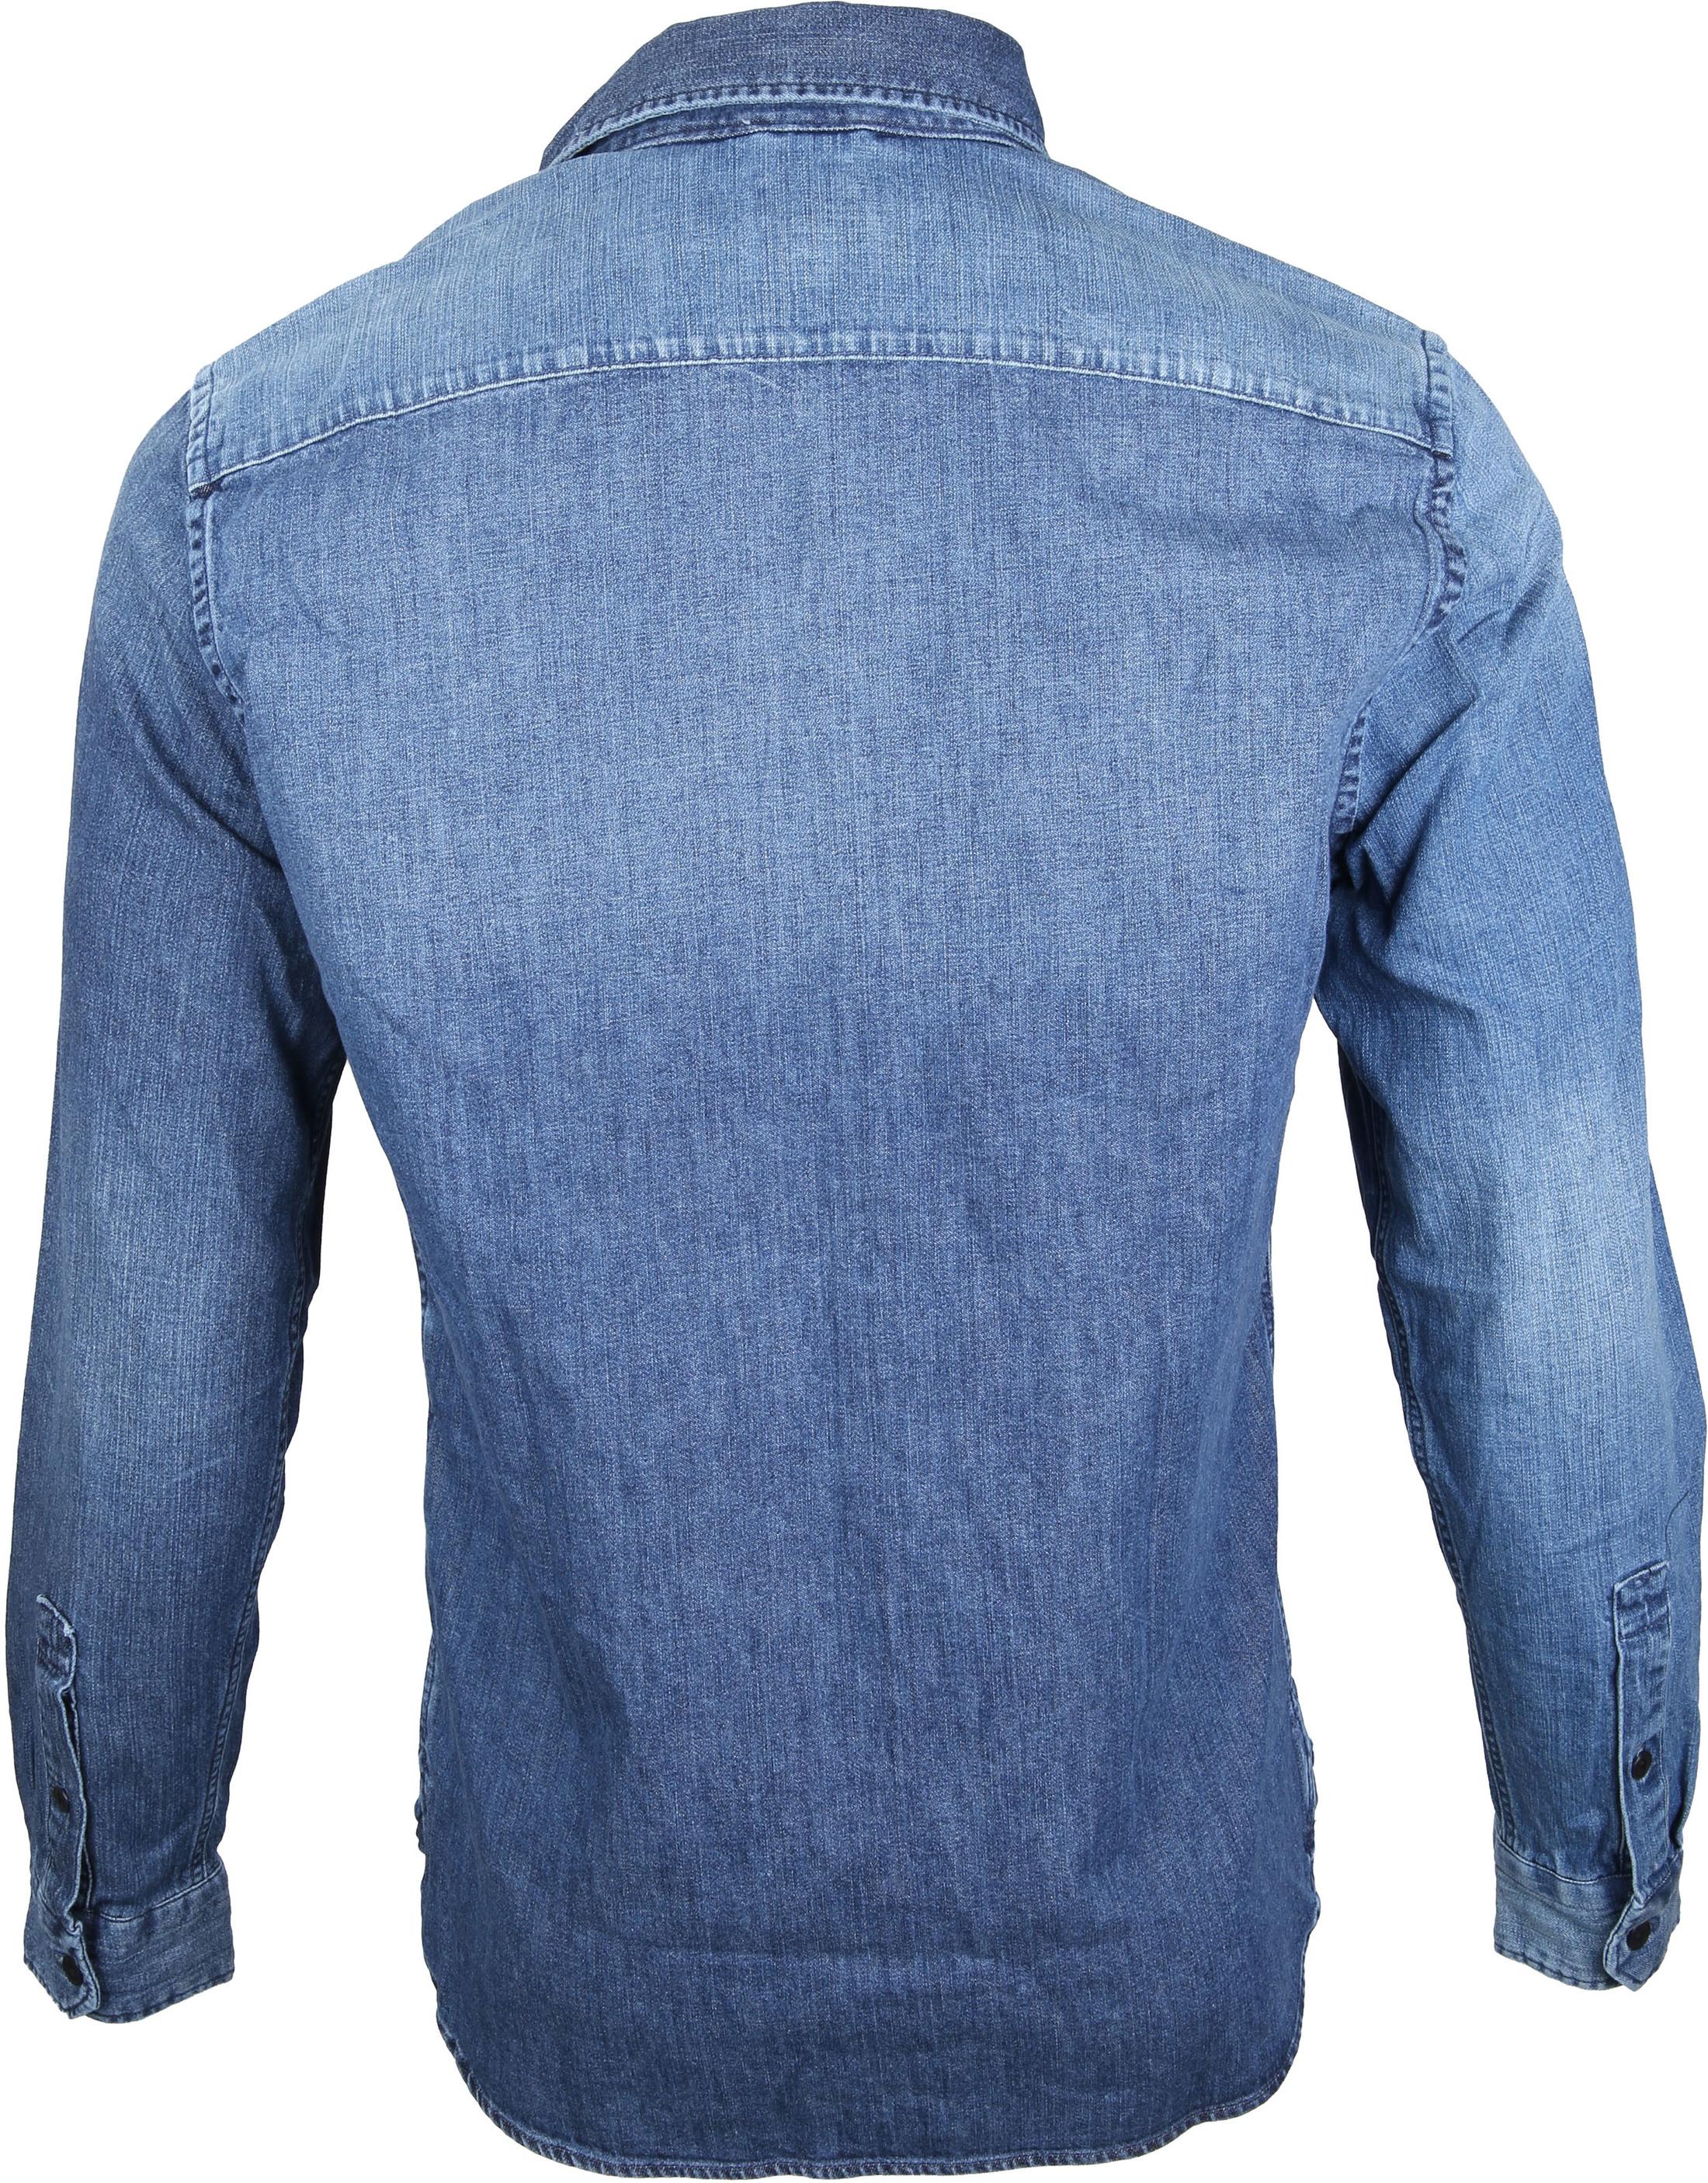 Levi's Jackson Worker Overhemd Washed foto 4